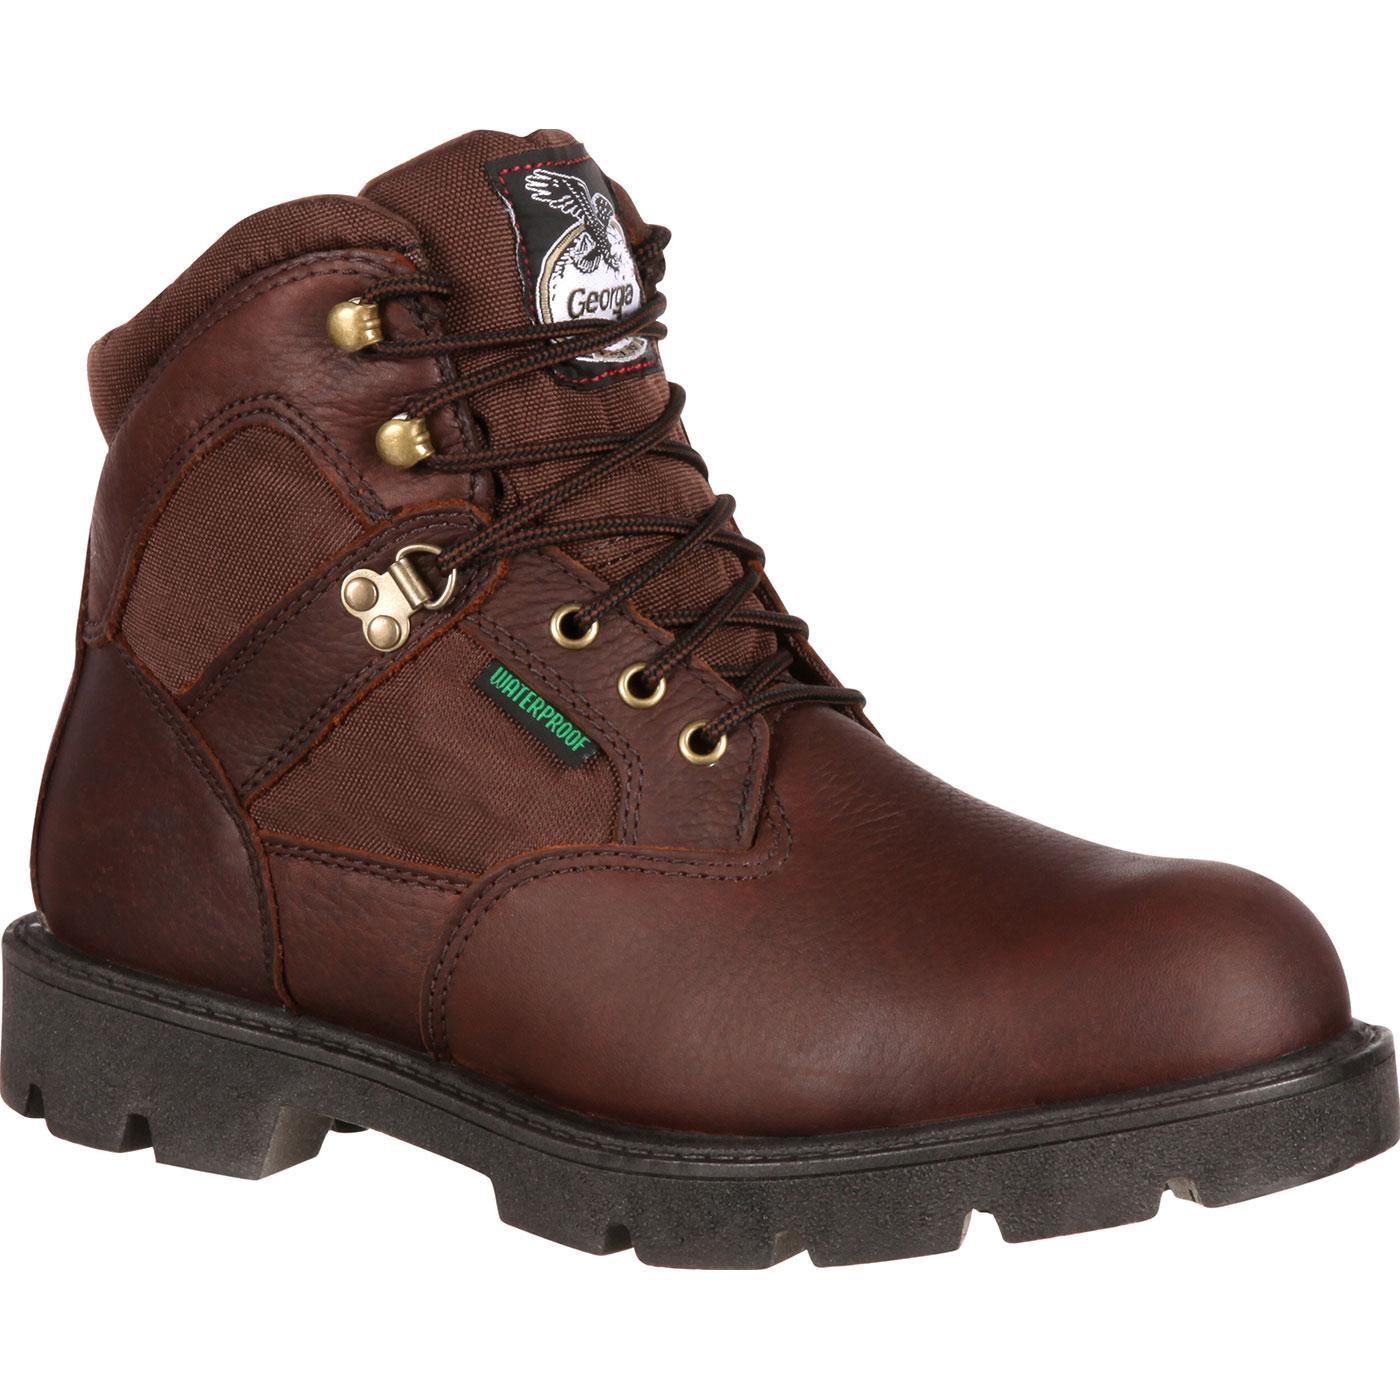 Georgia Homeland Men's Waterproof Work Boot, style #G106